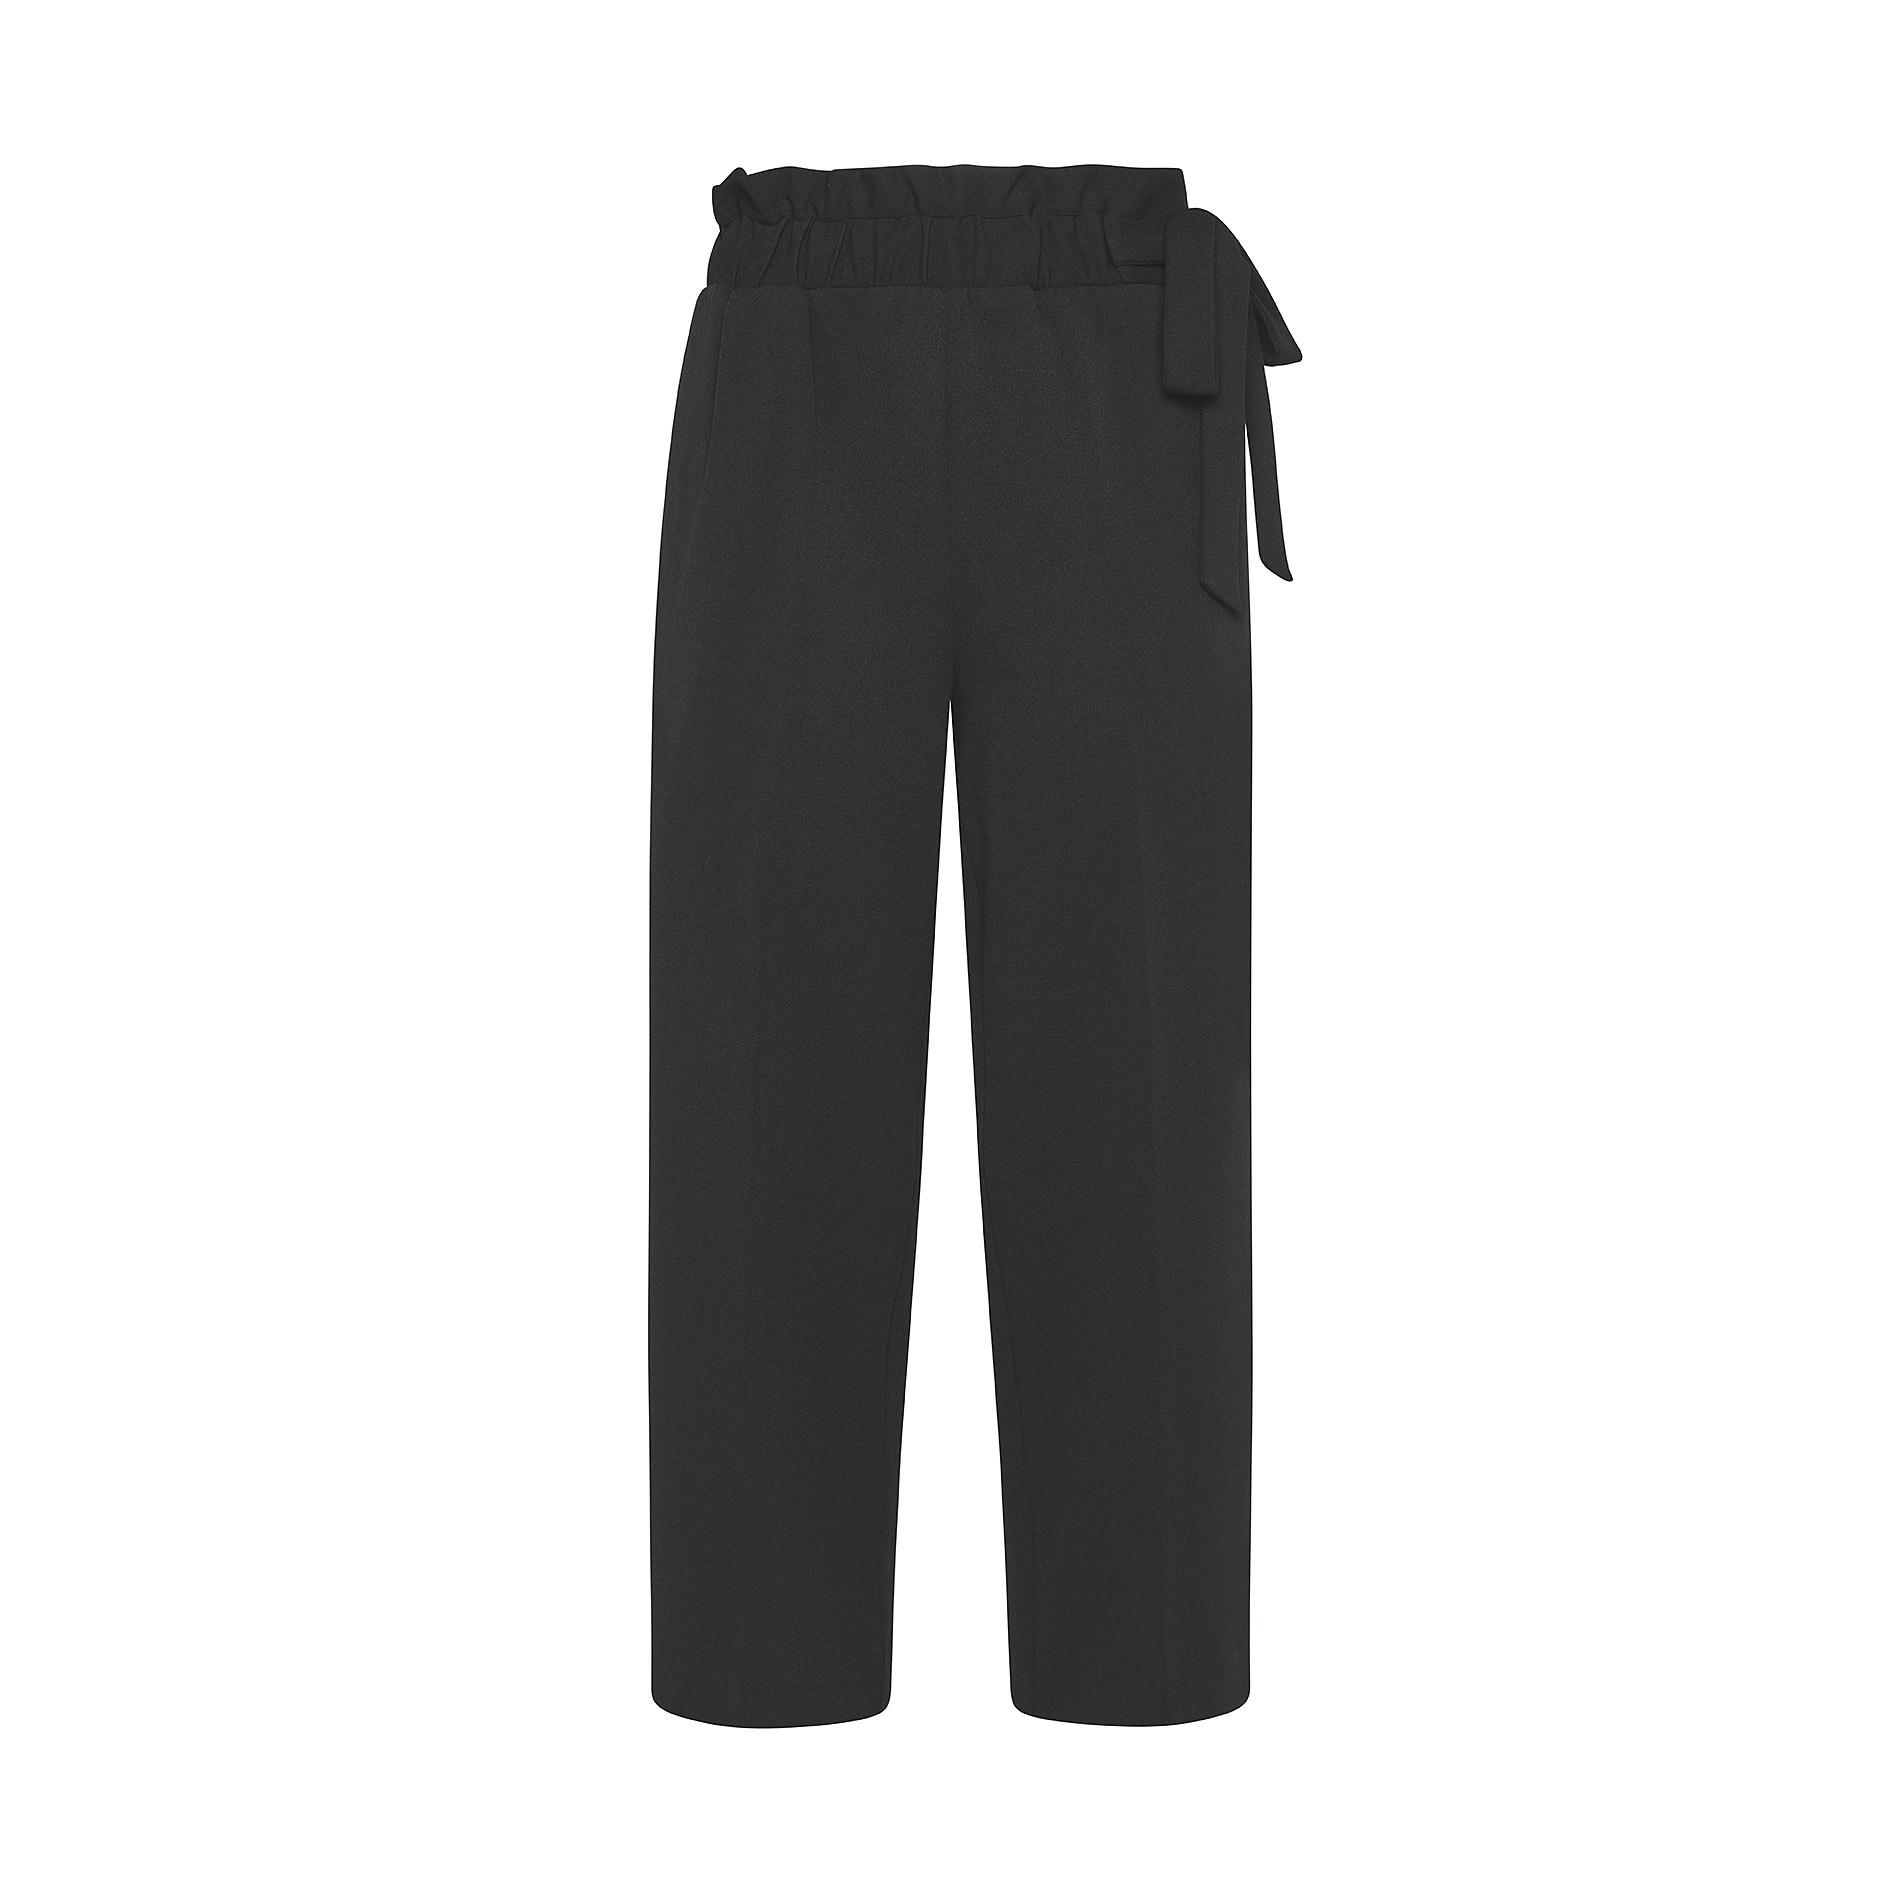 Pantalone ampio tessuto crêpe Koan, Nero, large image number 0